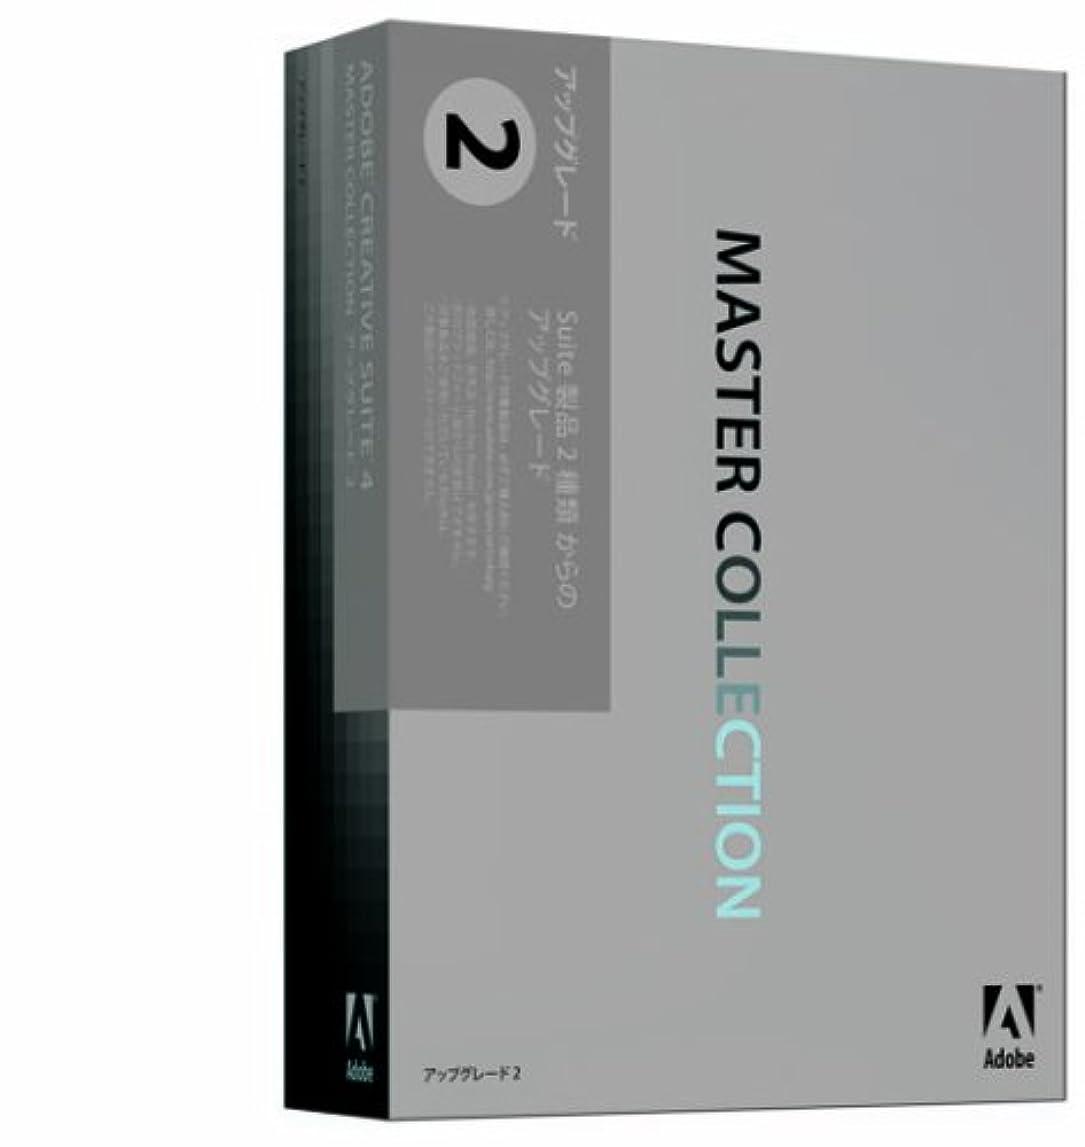 混乱リングレット不十分なAdobe Creative Suite 4 Master Collection 日本語版 アップグレード版2 (ANY 2 SUITES) Windows版